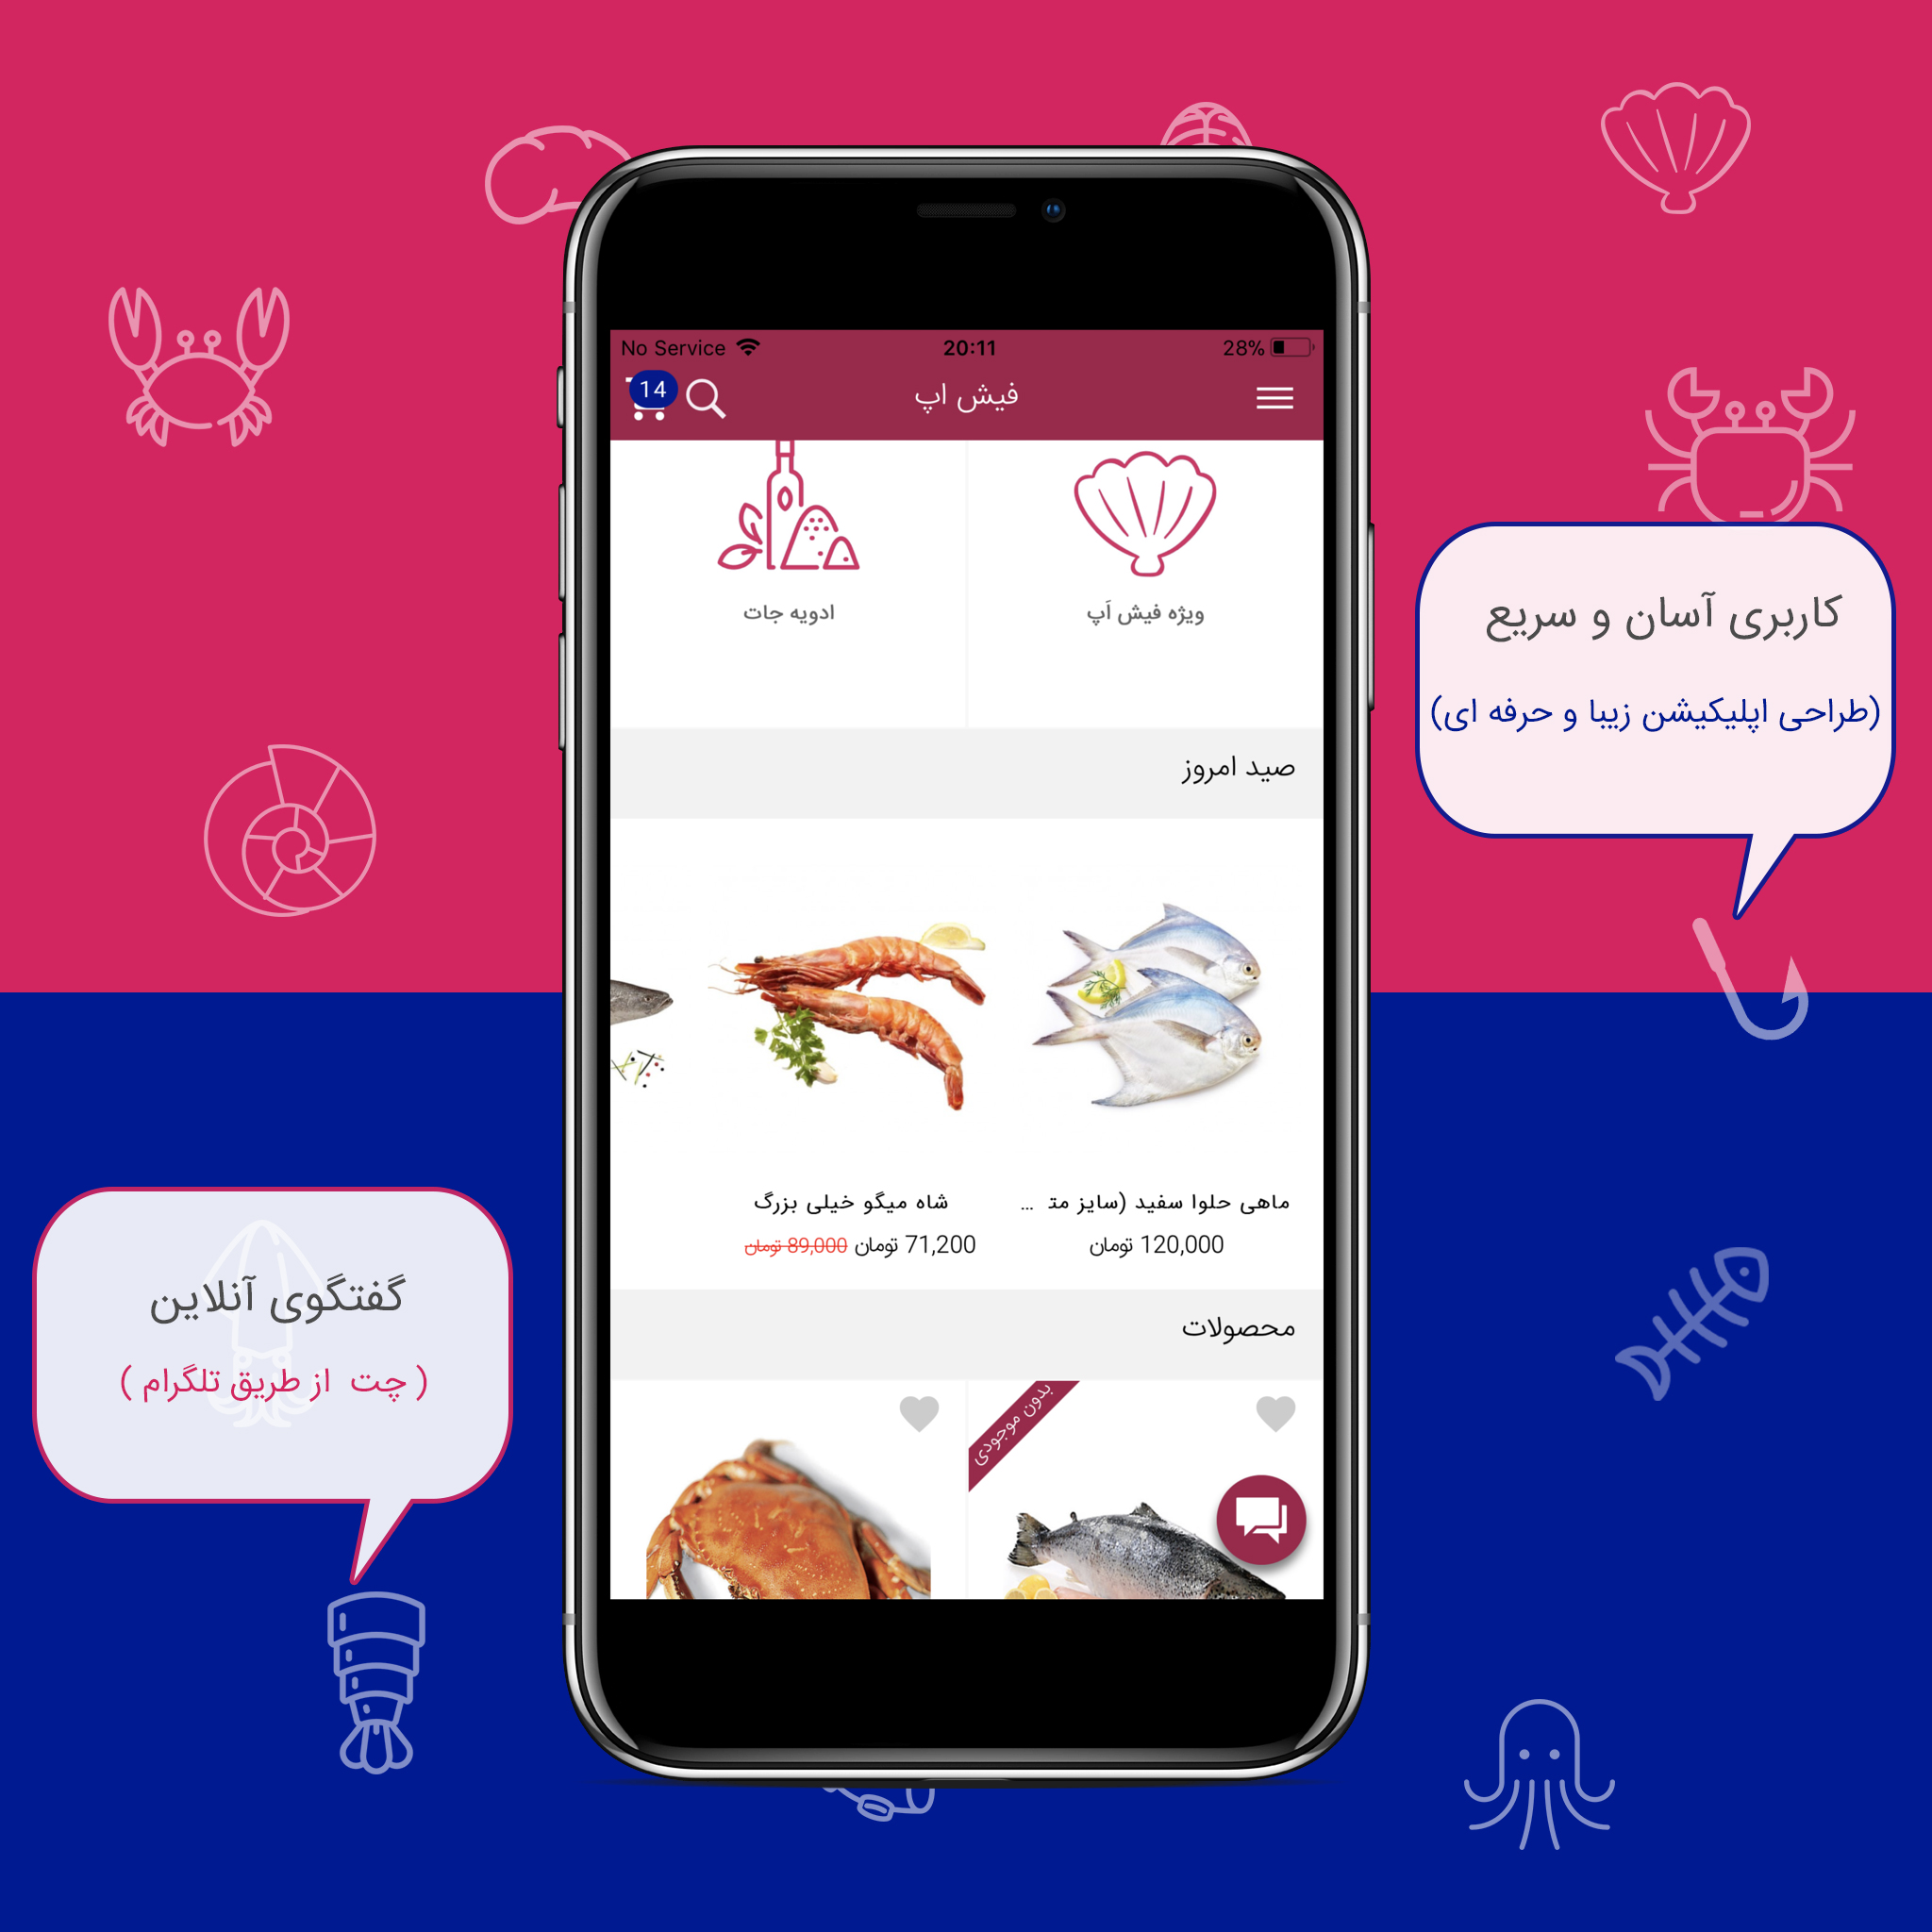 برنامه نویسی اپلیکیشن موبایل فروشگاه اینترنتی | فیش اپ